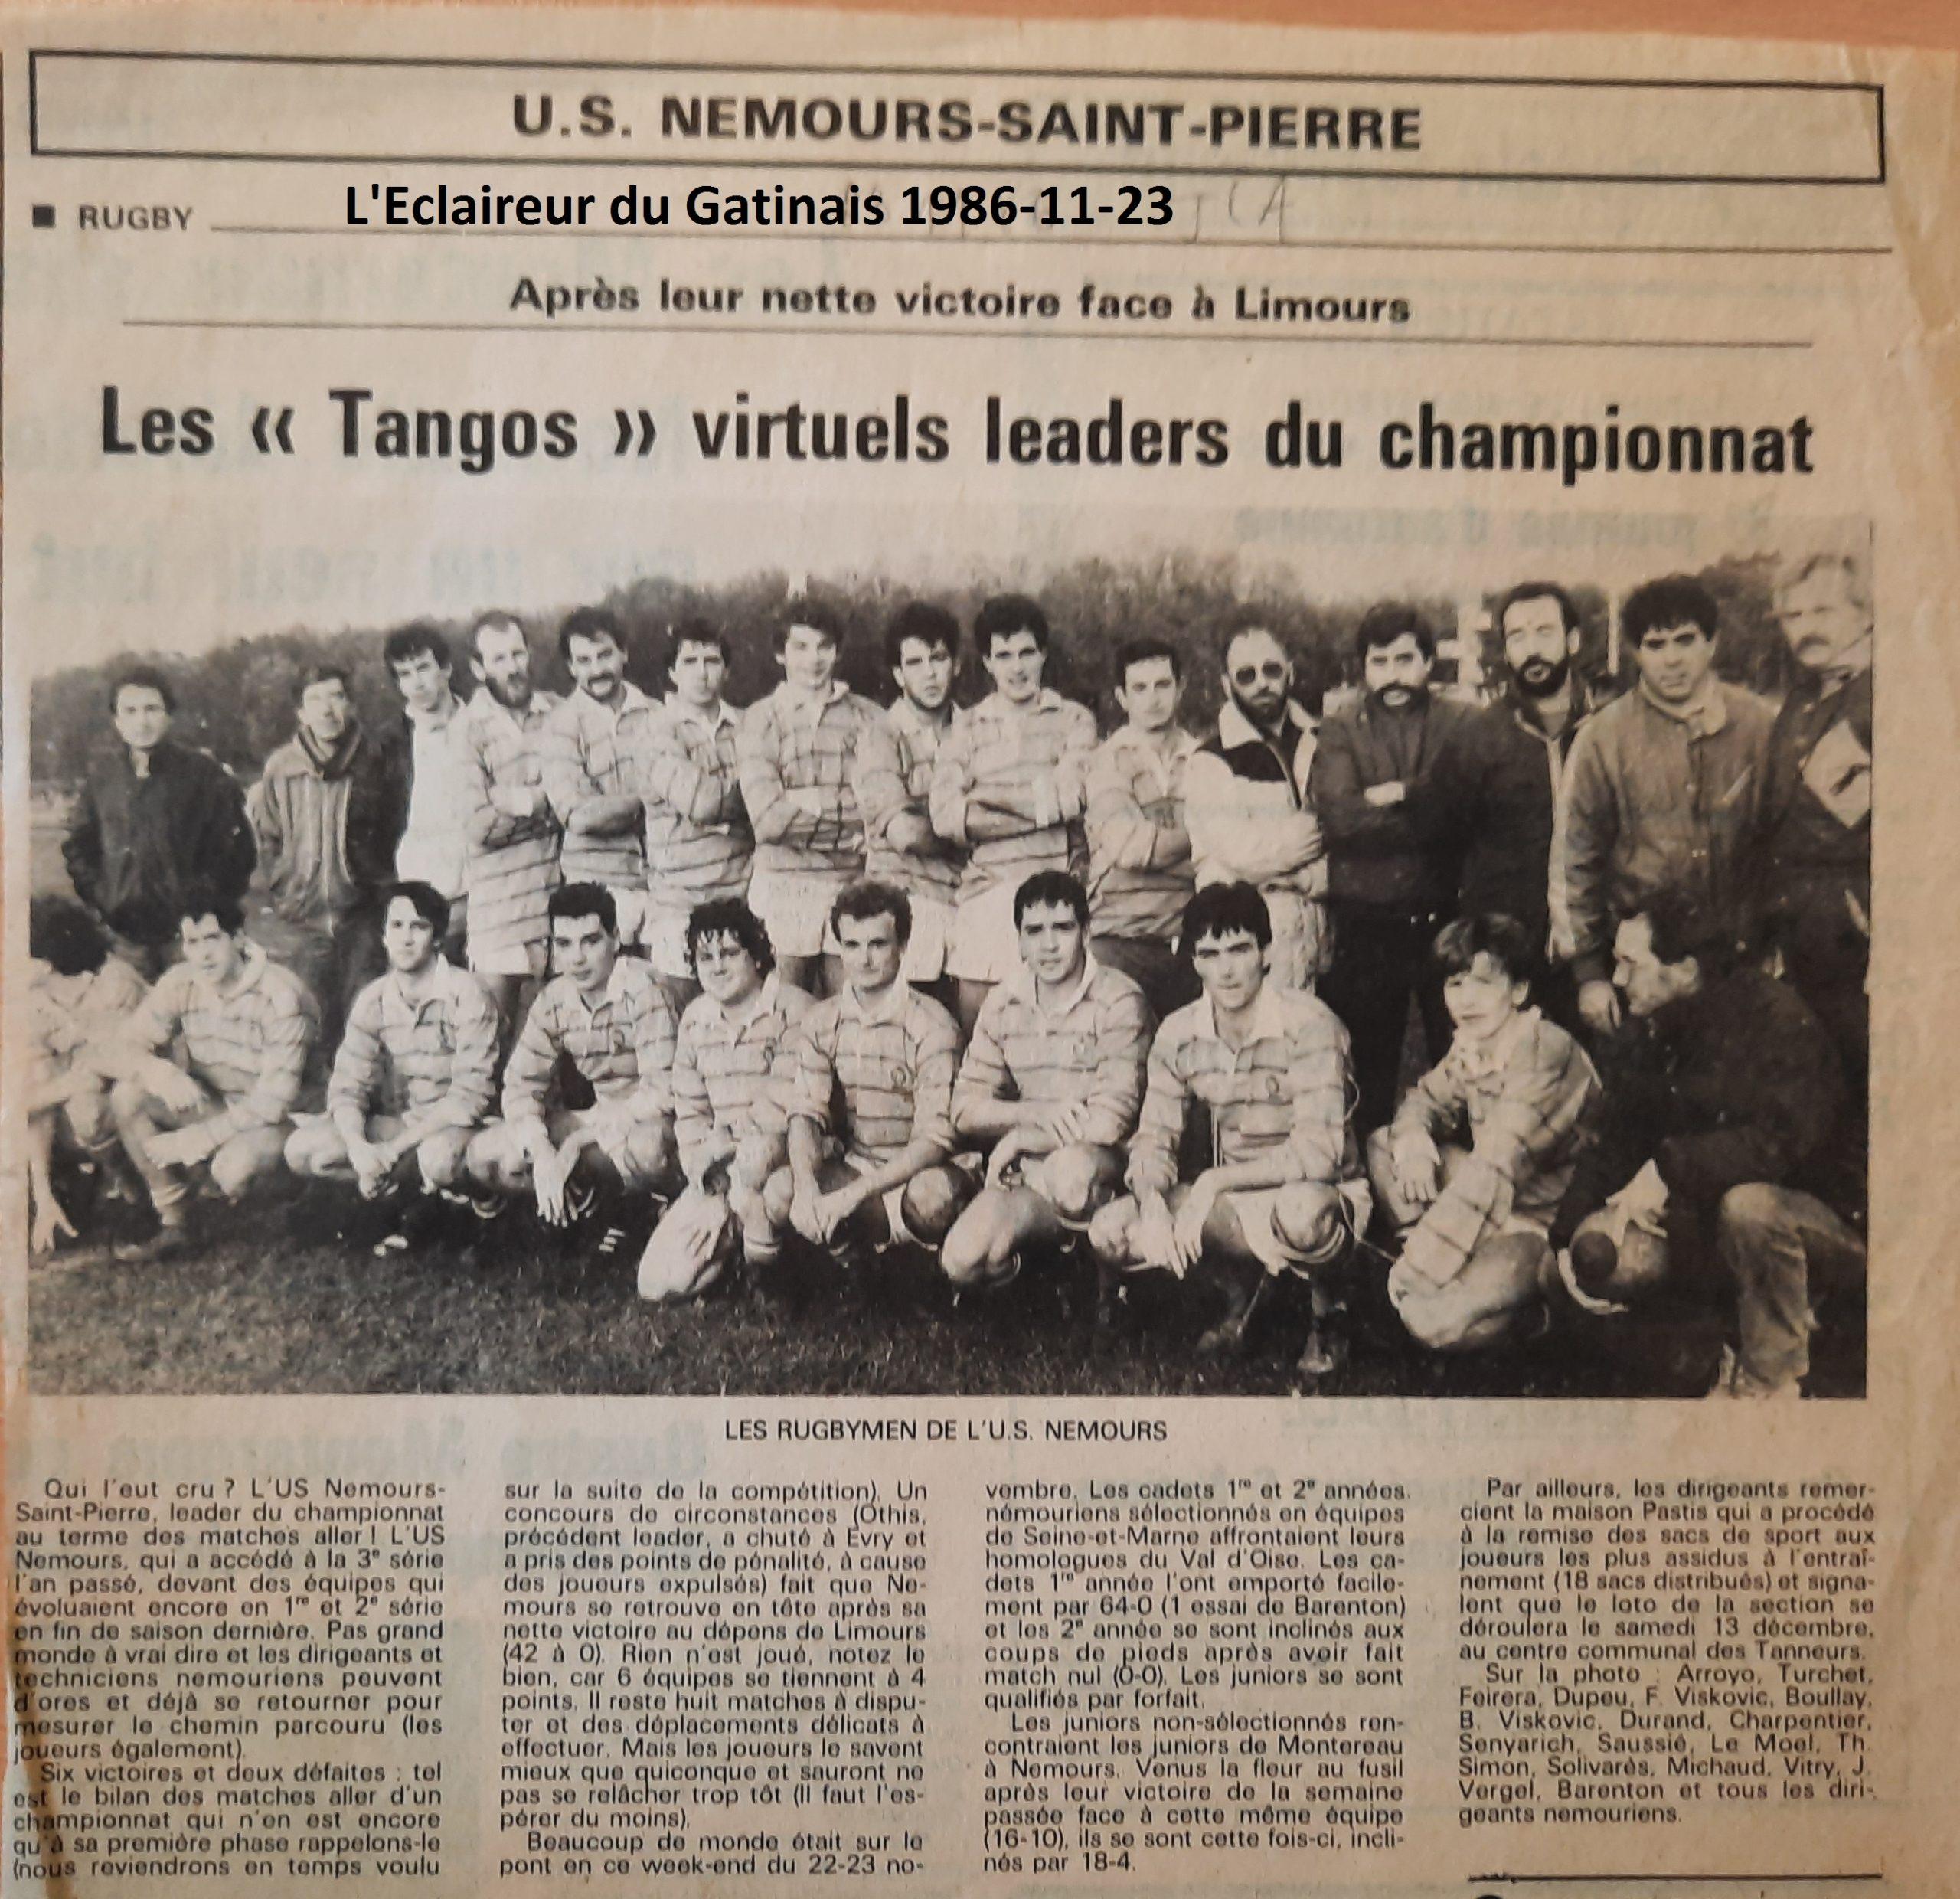 Eclaireur du Gâtinais 1986-11-23